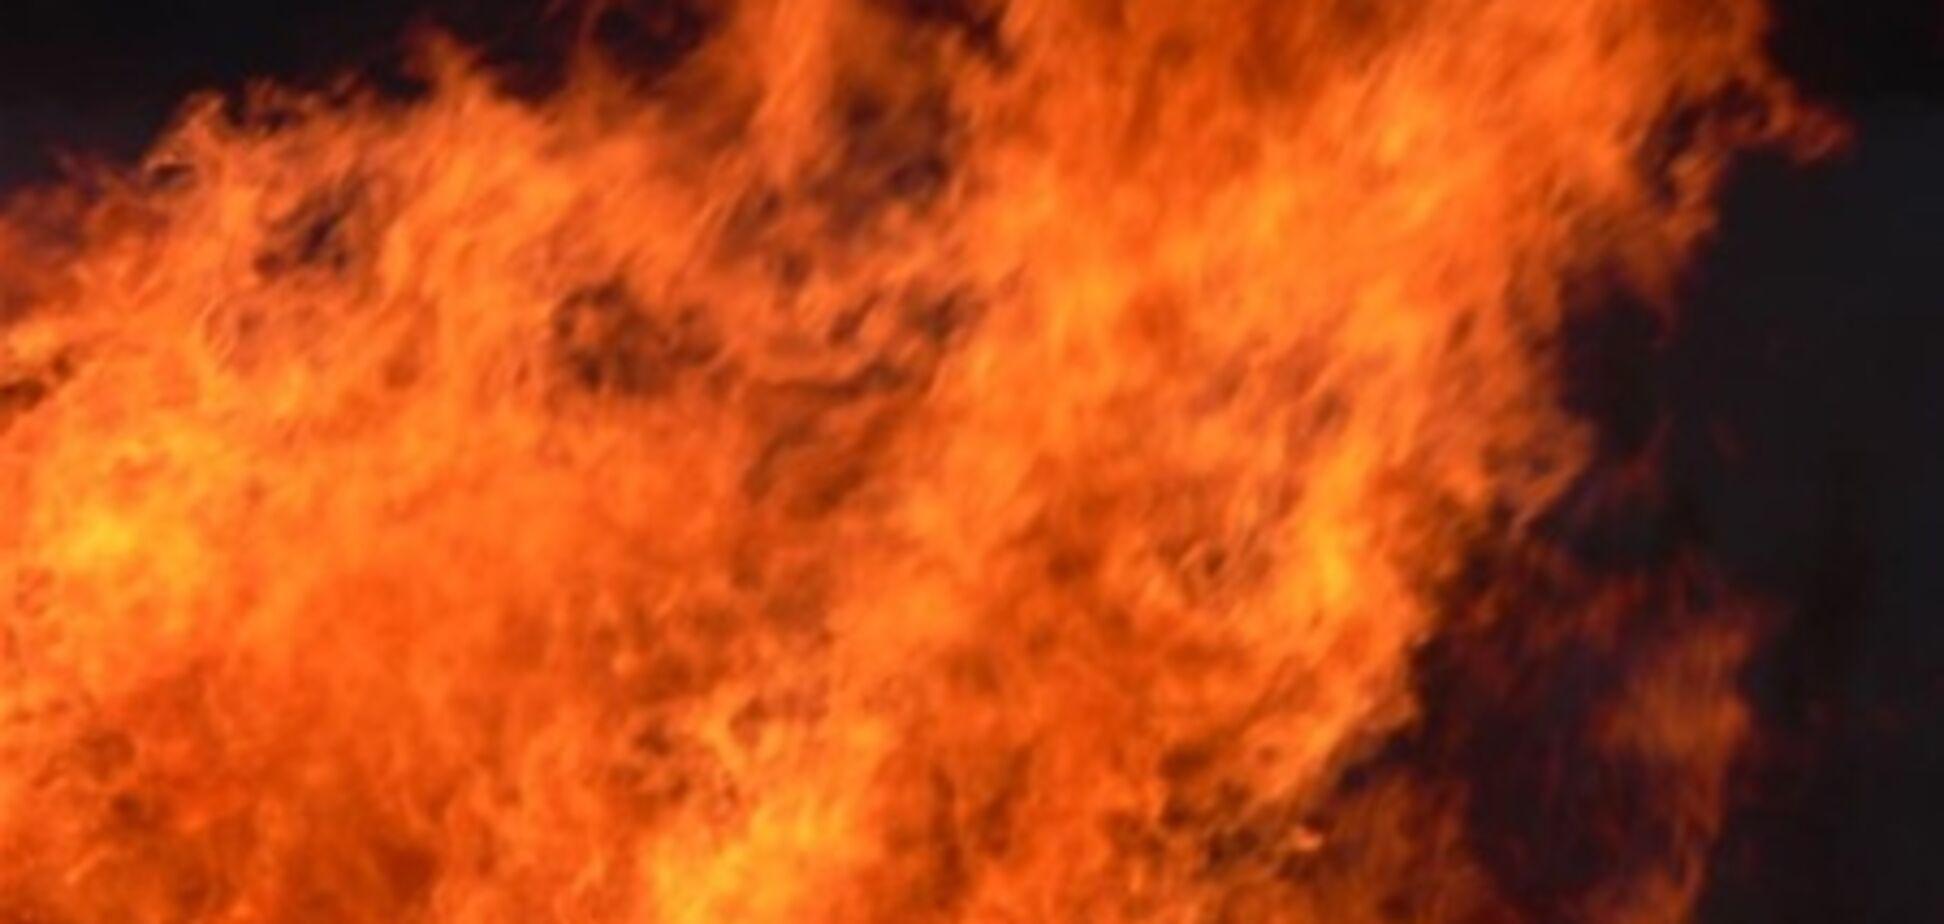 Кабельне ТБ підірвали і спалили